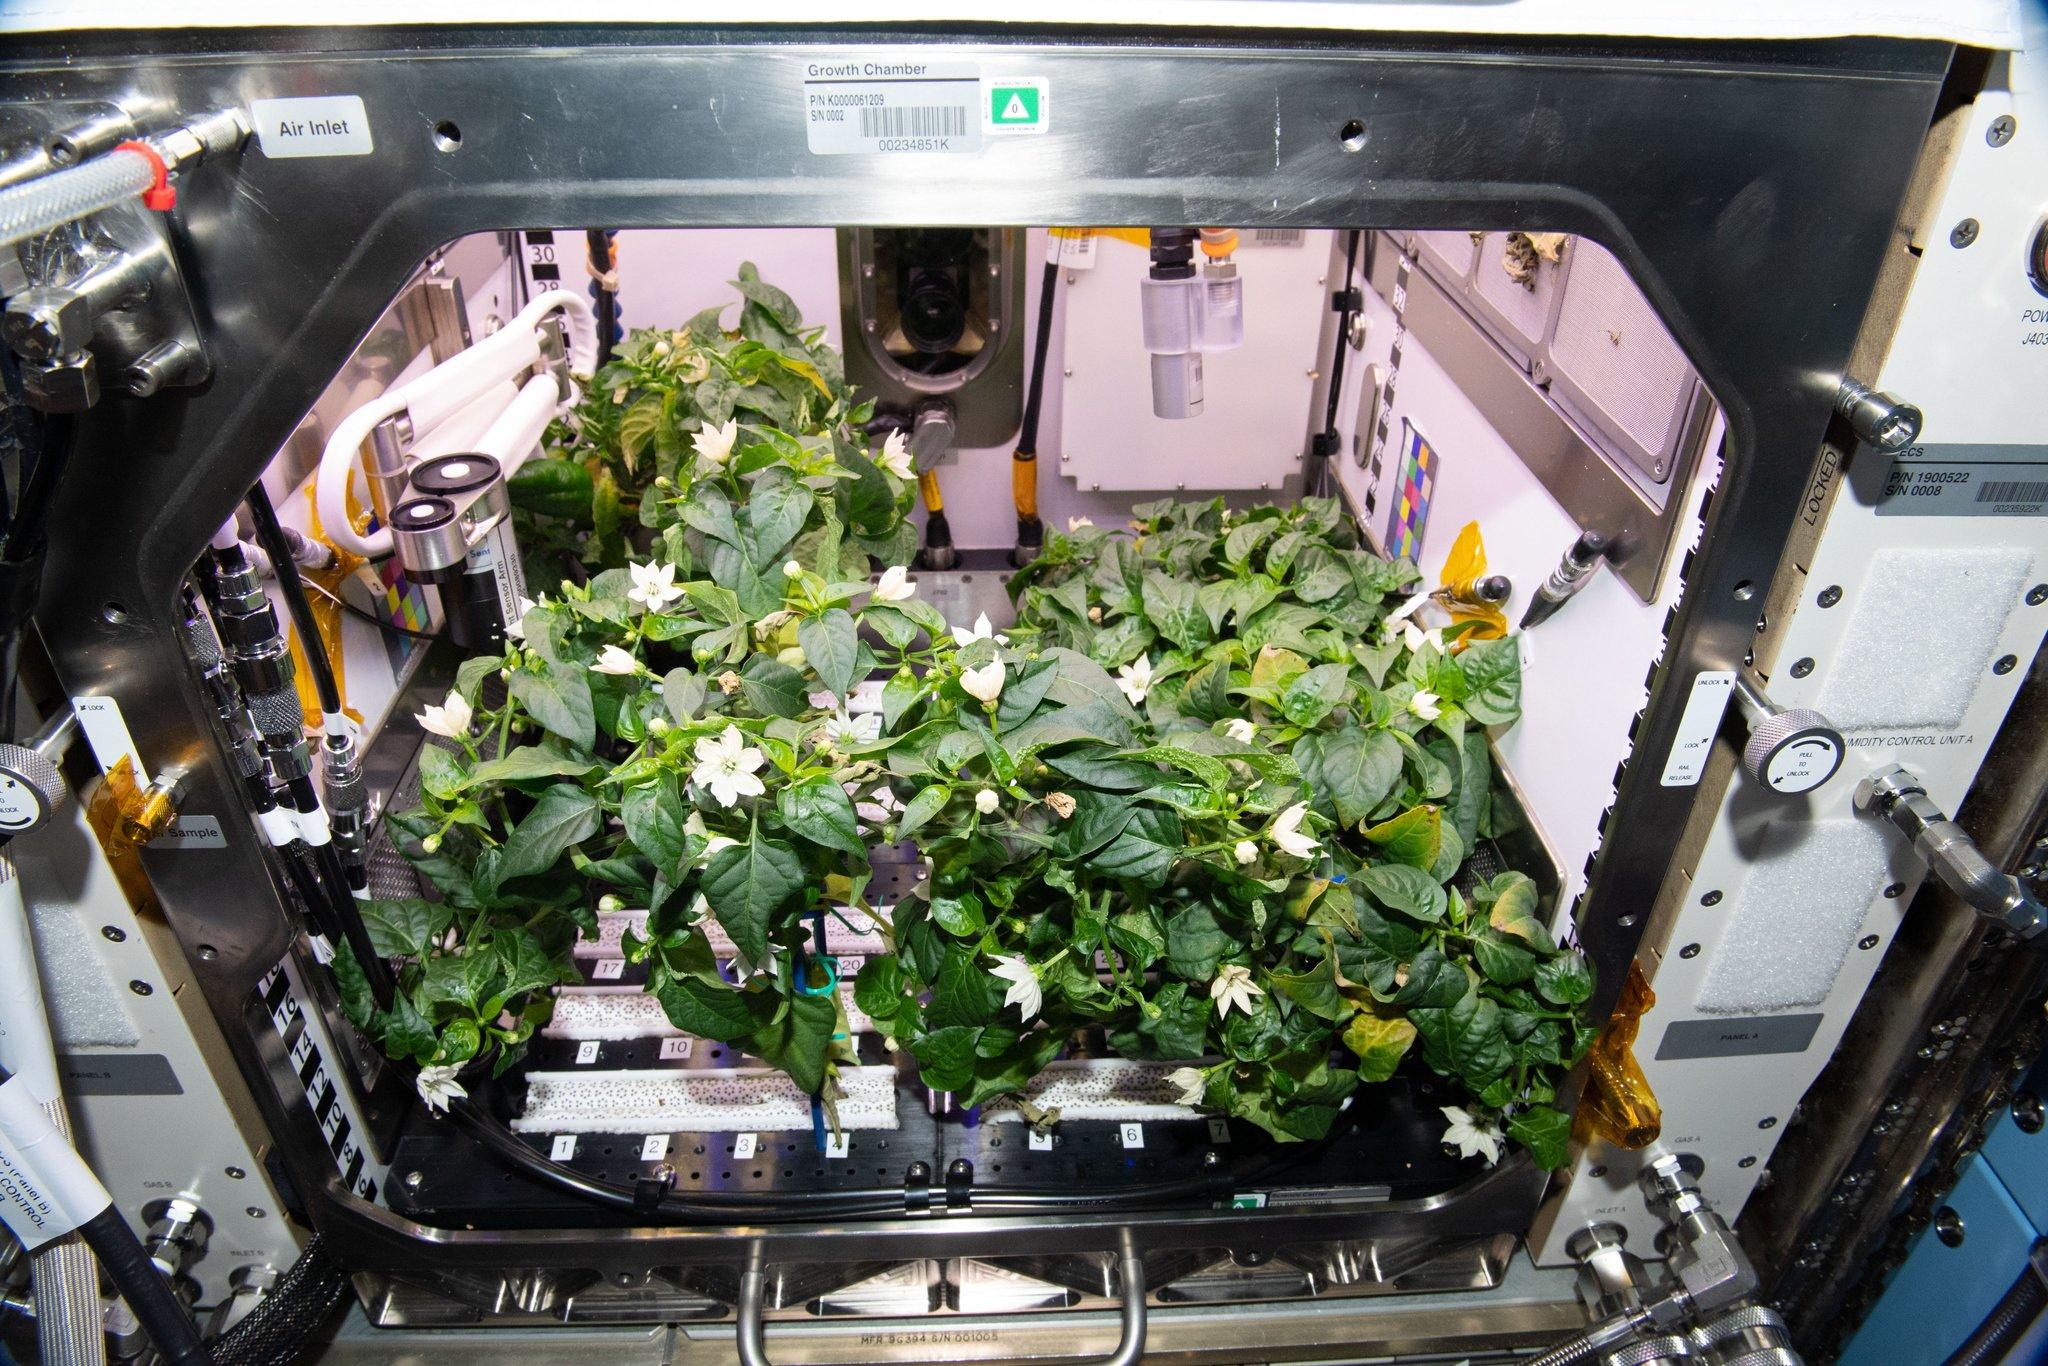 Астронавты NASA впервые смогли вырастить перец чили на борту МКС